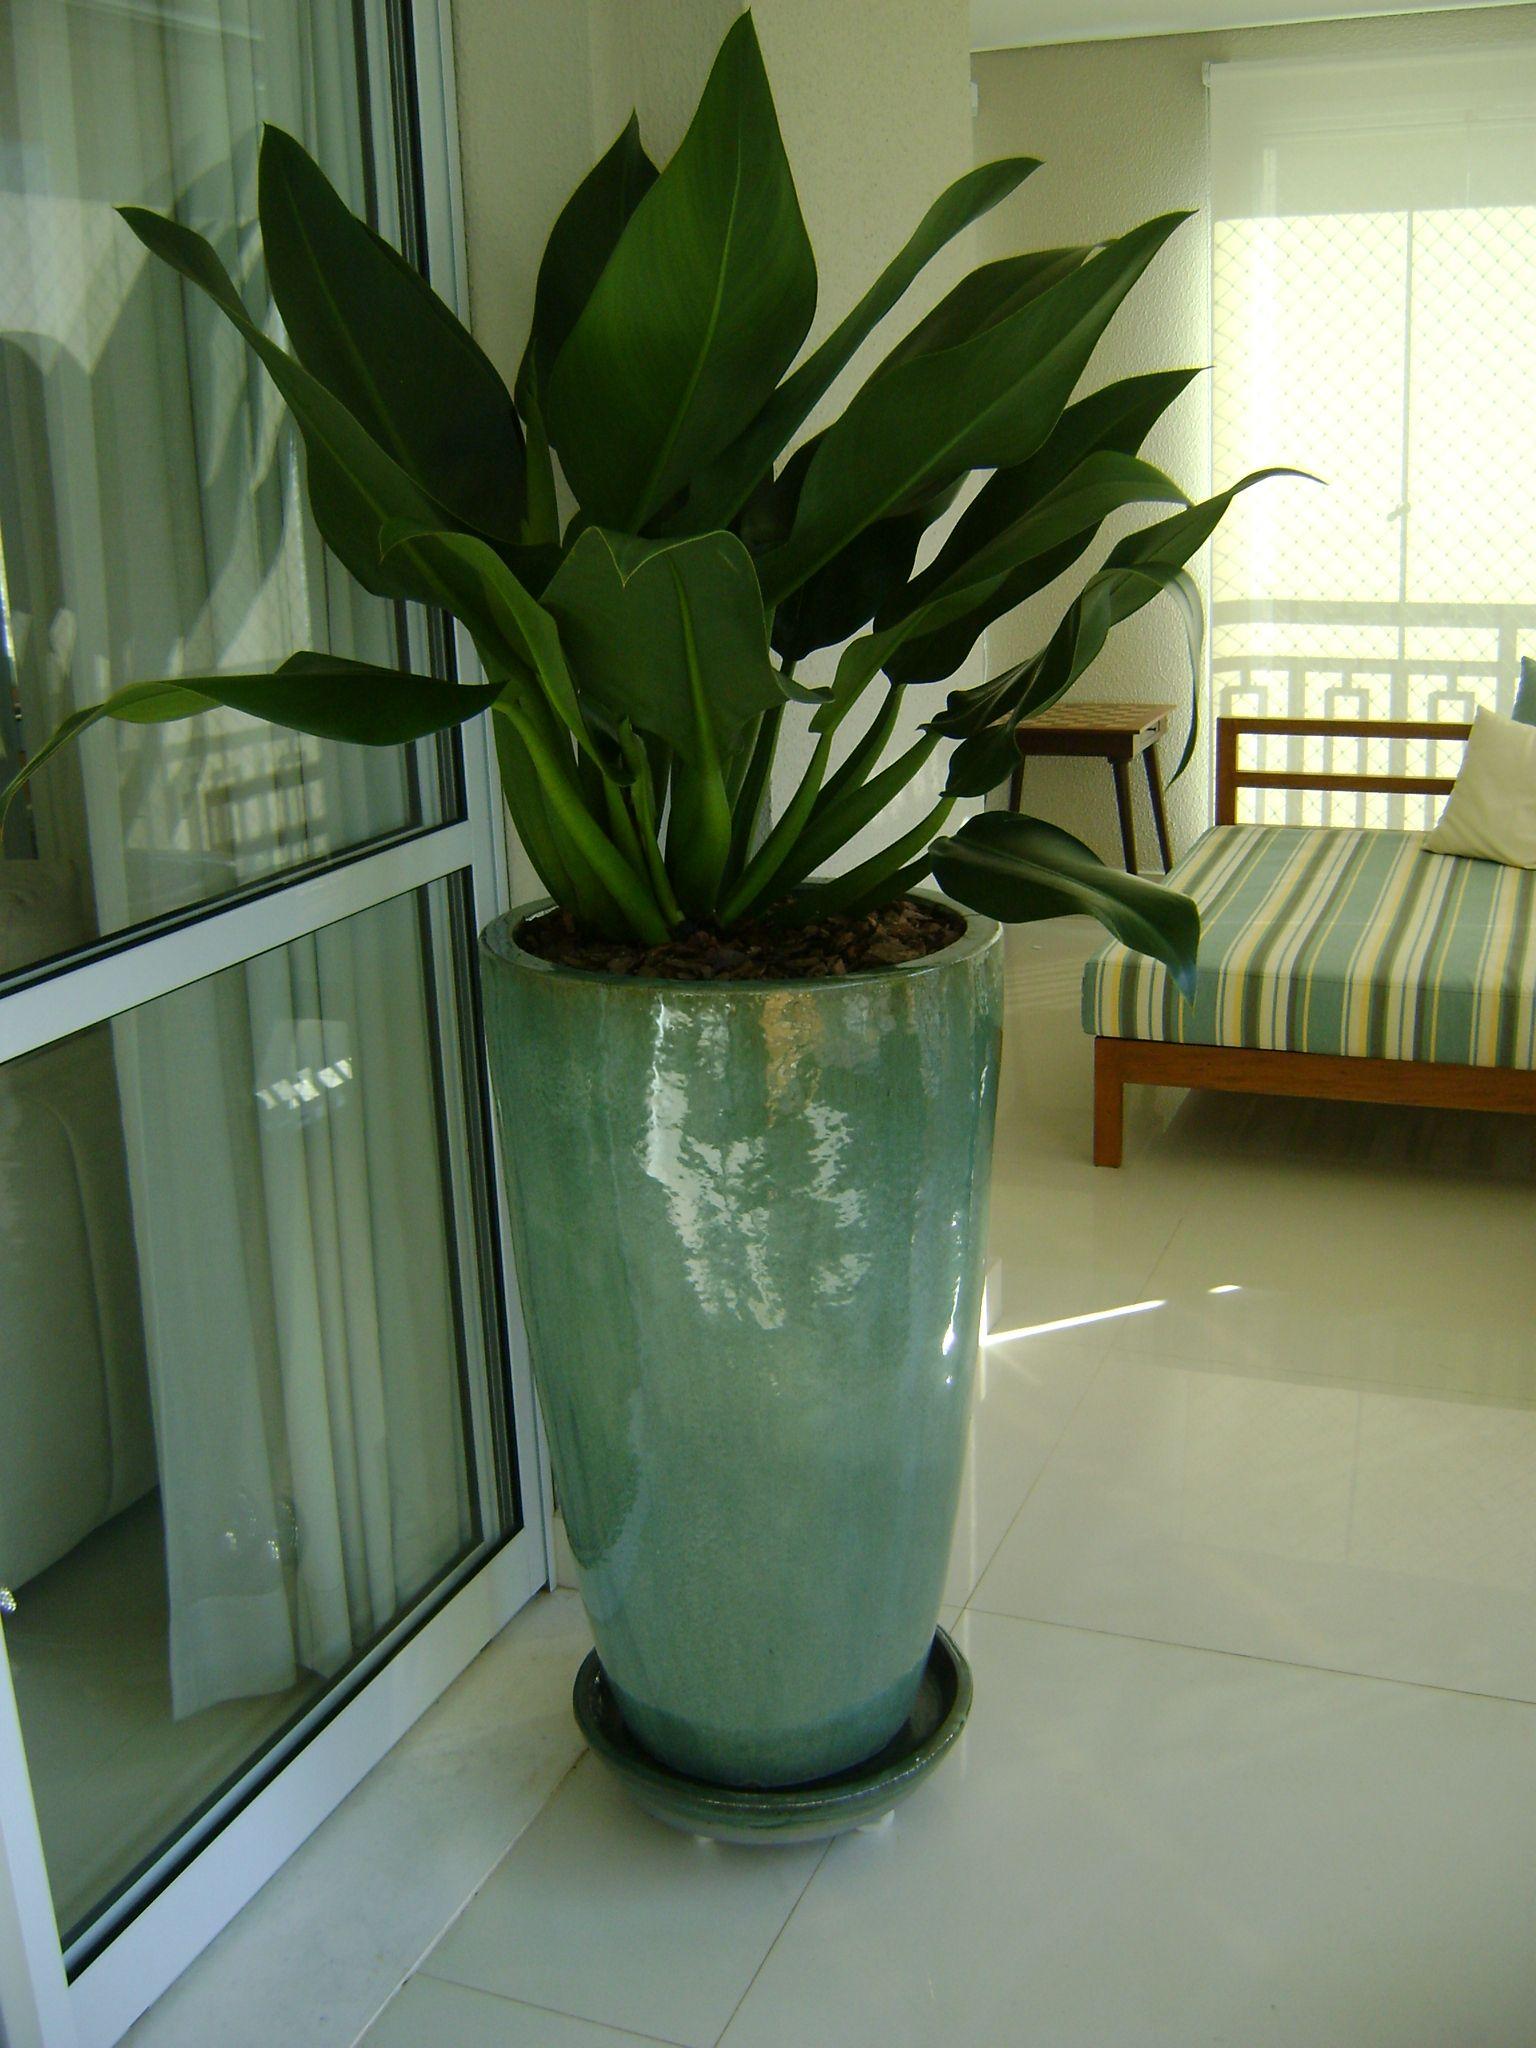 Mejores plantas de interior plantas pinterest for Mejores plantas para interior